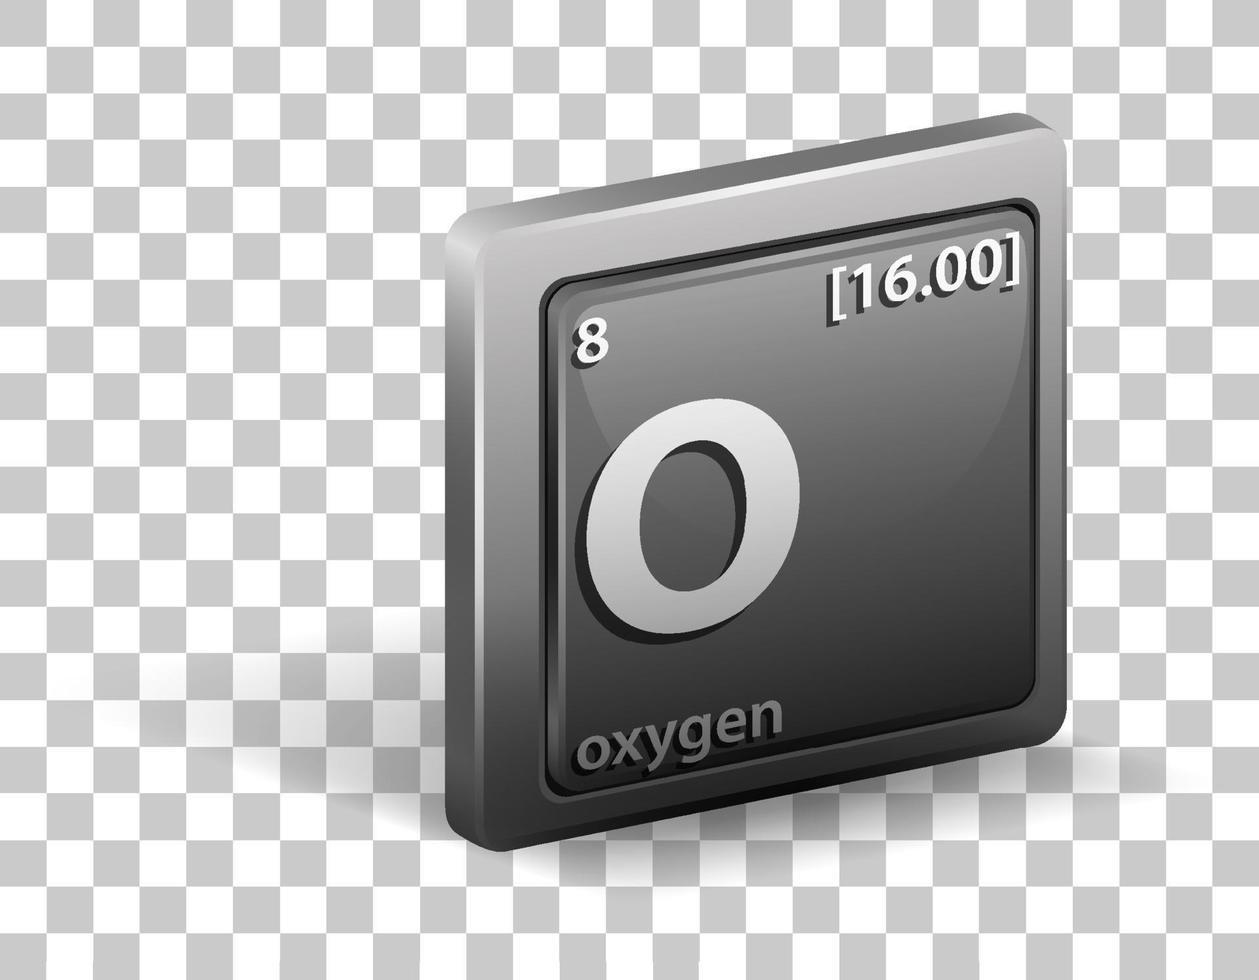 oxegen scheikundig element vector